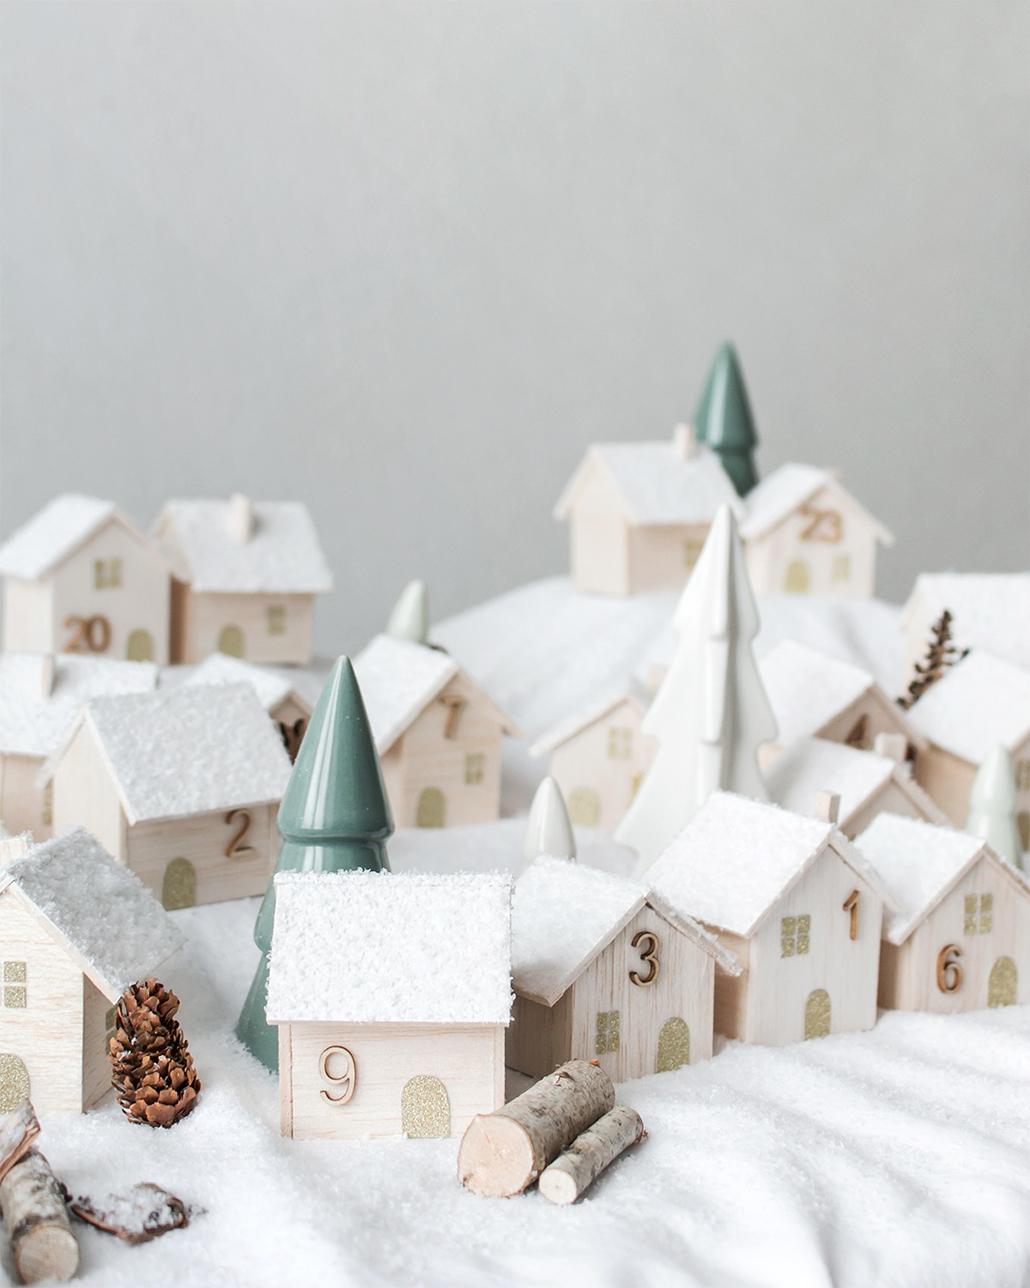 leanna earle: [diy] calendrier de l'avent village en bois !